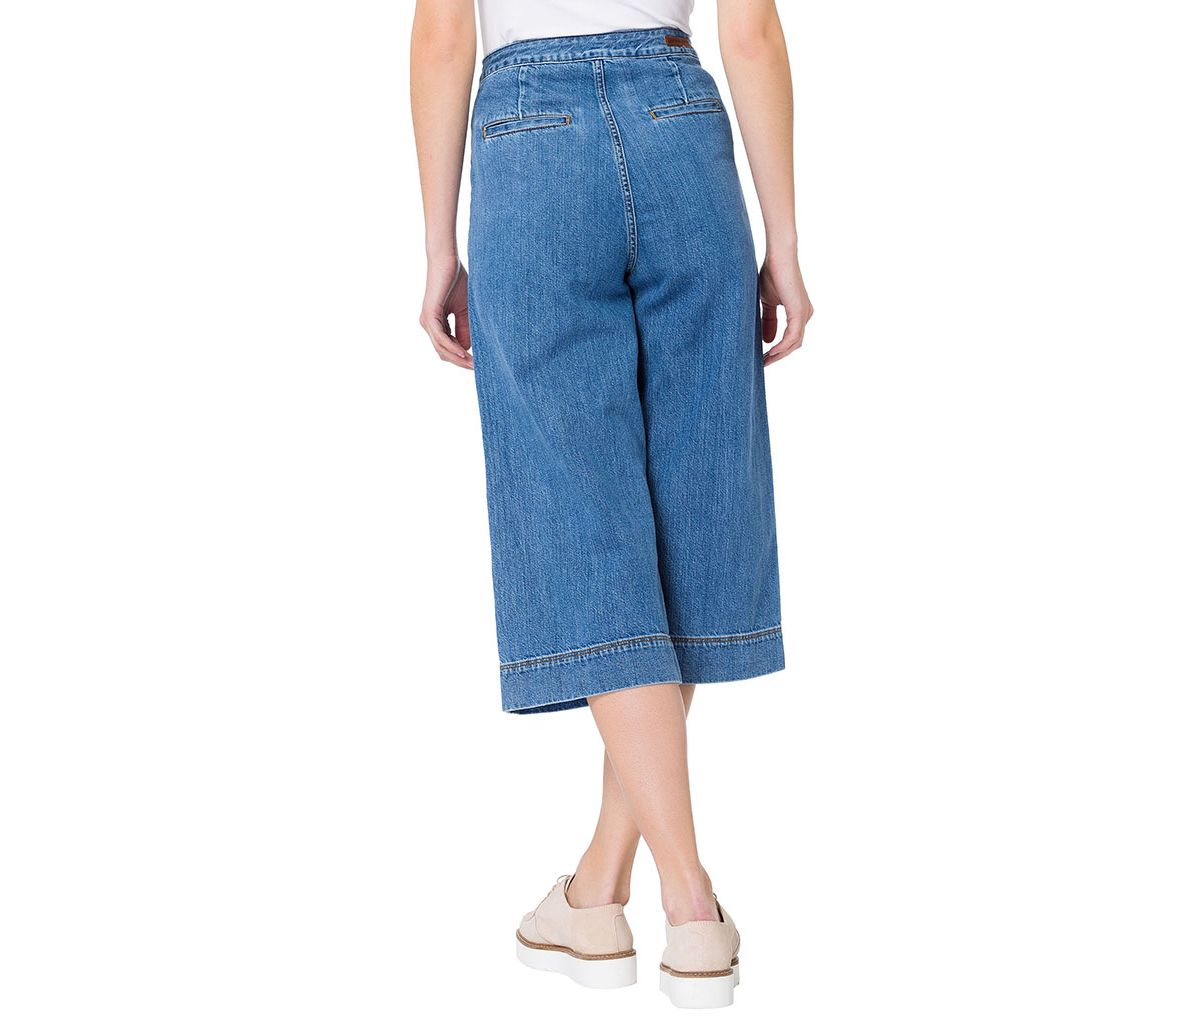 CROSS Jeans ® Coulette Jeans mit extra weitem Beinverlauf »Leann« von Schwab Versand in black - Schwarz für 49,95€